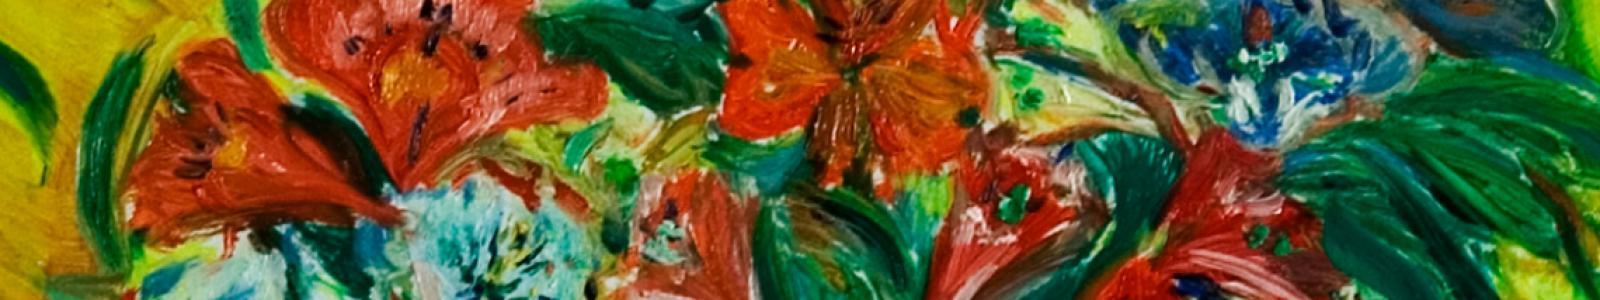 Gallery Painter Oleg Troyan